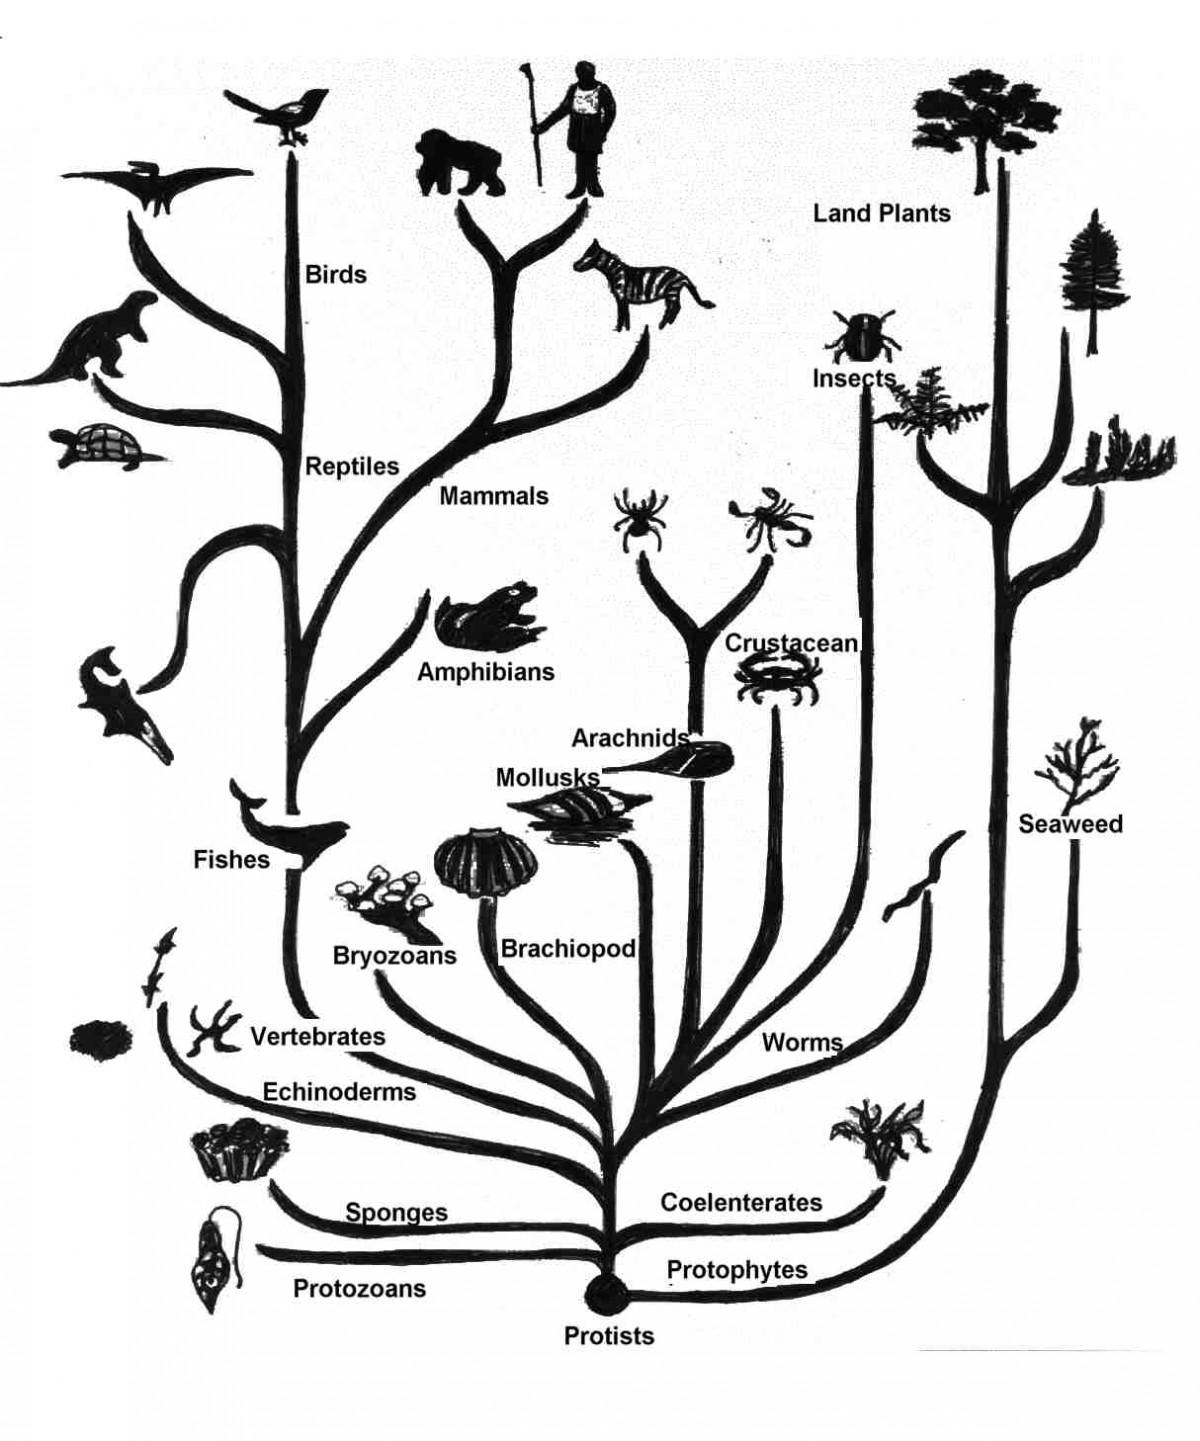 Tüm bu kademeleri kabaca ve çok üstü örtük bir biçimde gösteren bir Evrim Ağacı... Normalde, tabii ki Evrim Ağaçları çok daha karmaşık yapılıdır, çünkü böyle birkaç türü değil, milyarlarca türü barındırırlar. Ancak onları analiz etmesi de daha zordur. Aşağıda, karmaşık bir örneği vermekteyiz.